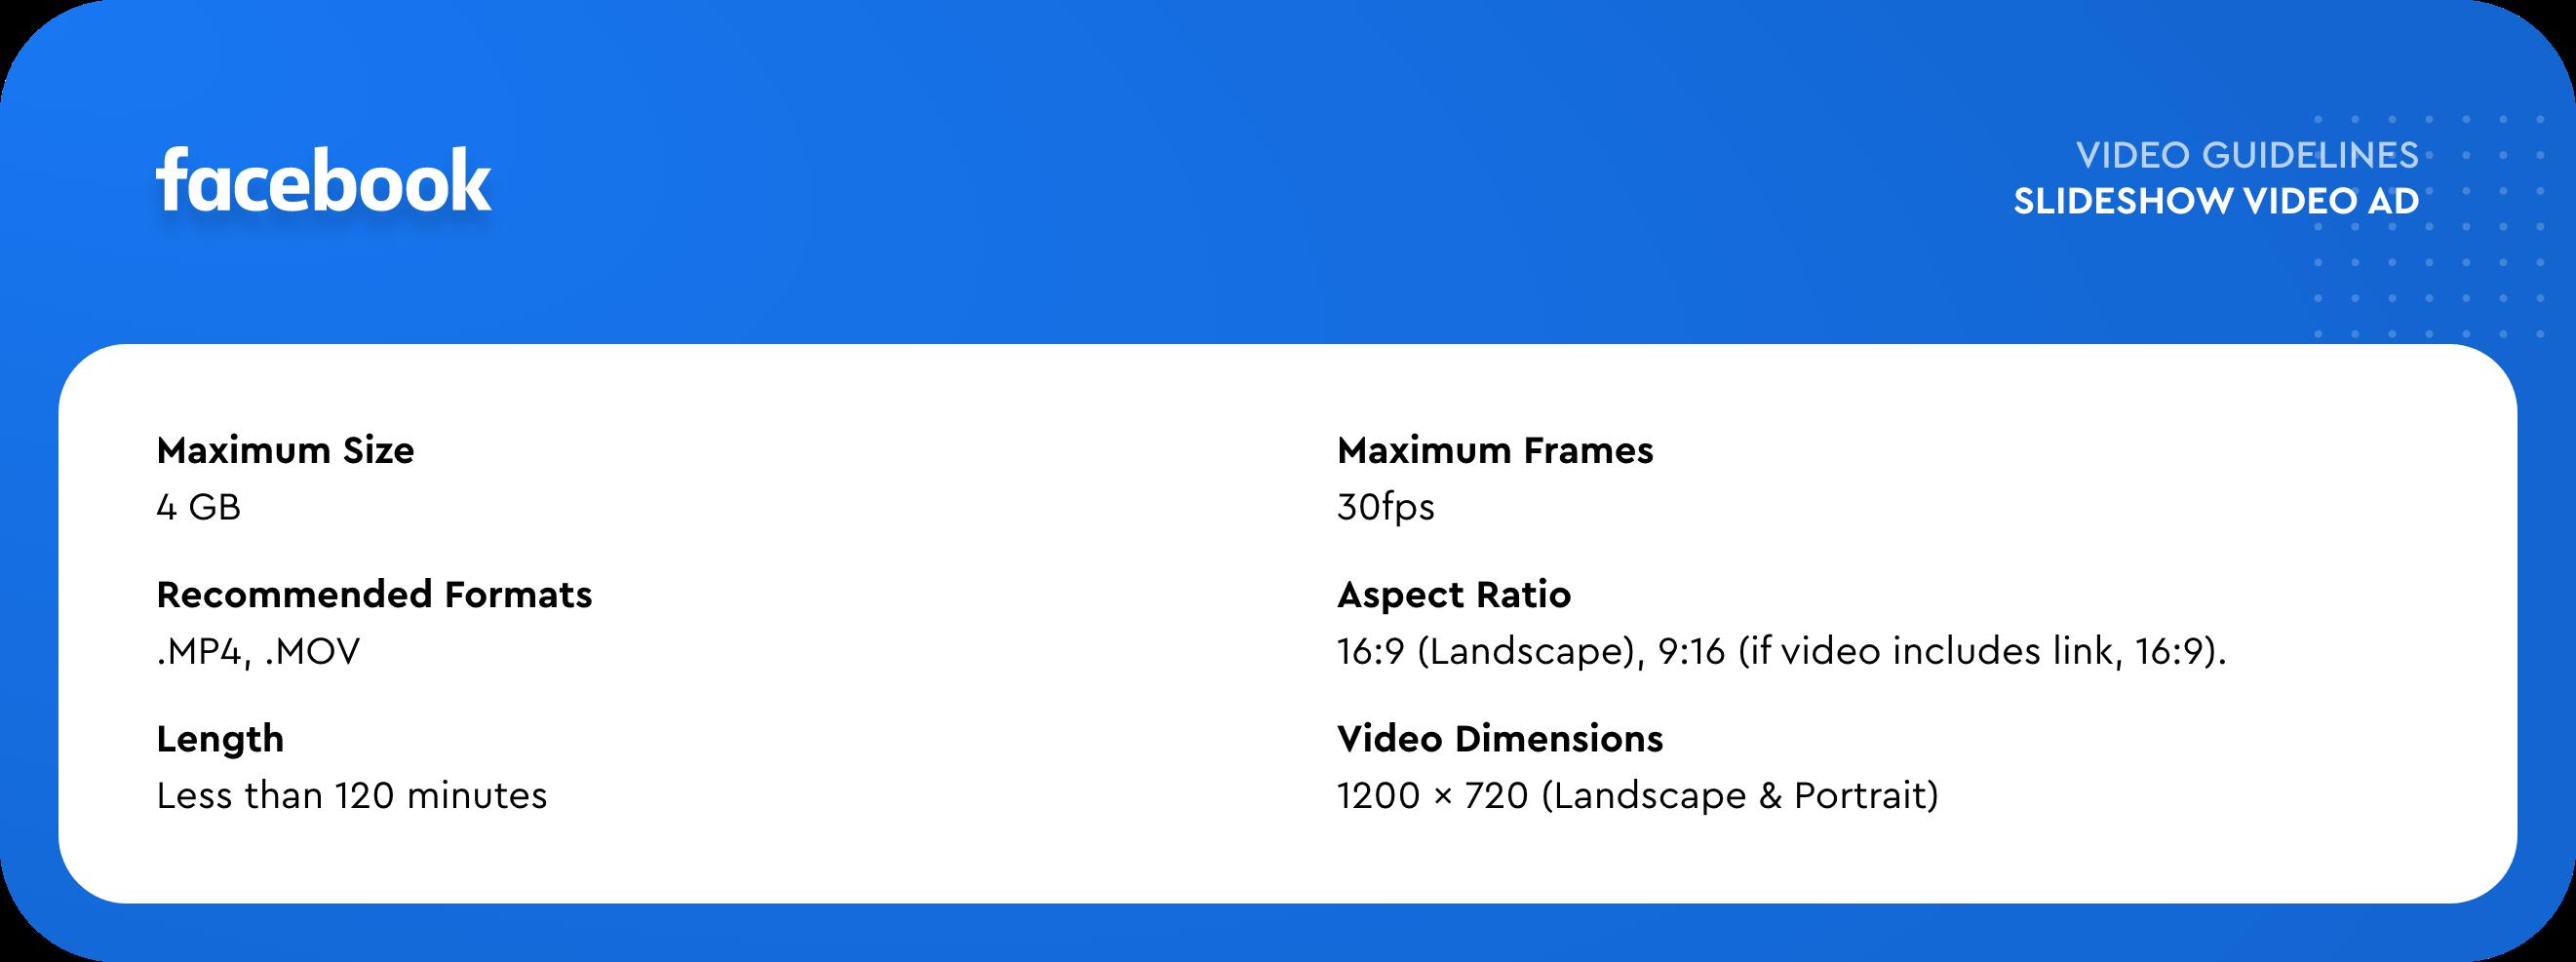 facebook Slideshow Video Ad specs